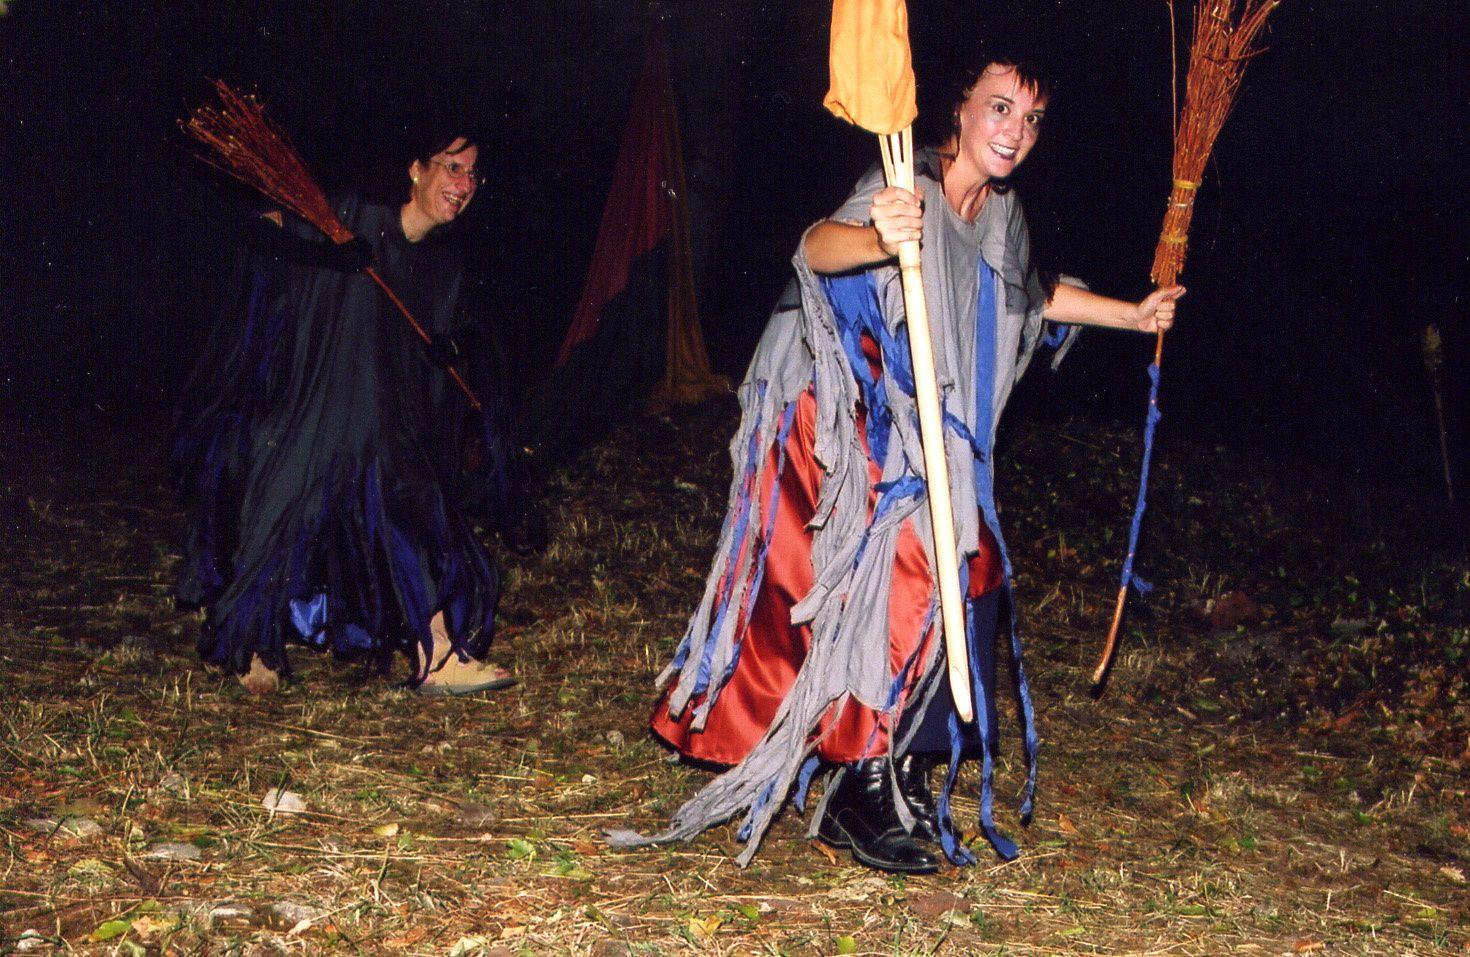 Premier spectacle des Mattagumber au château de Ferrette, les 20-21-27-28 août 2003.En trois tableaux : I. La journée de travailII. Le crépuscule des elfesIII. La nuit des sorcières